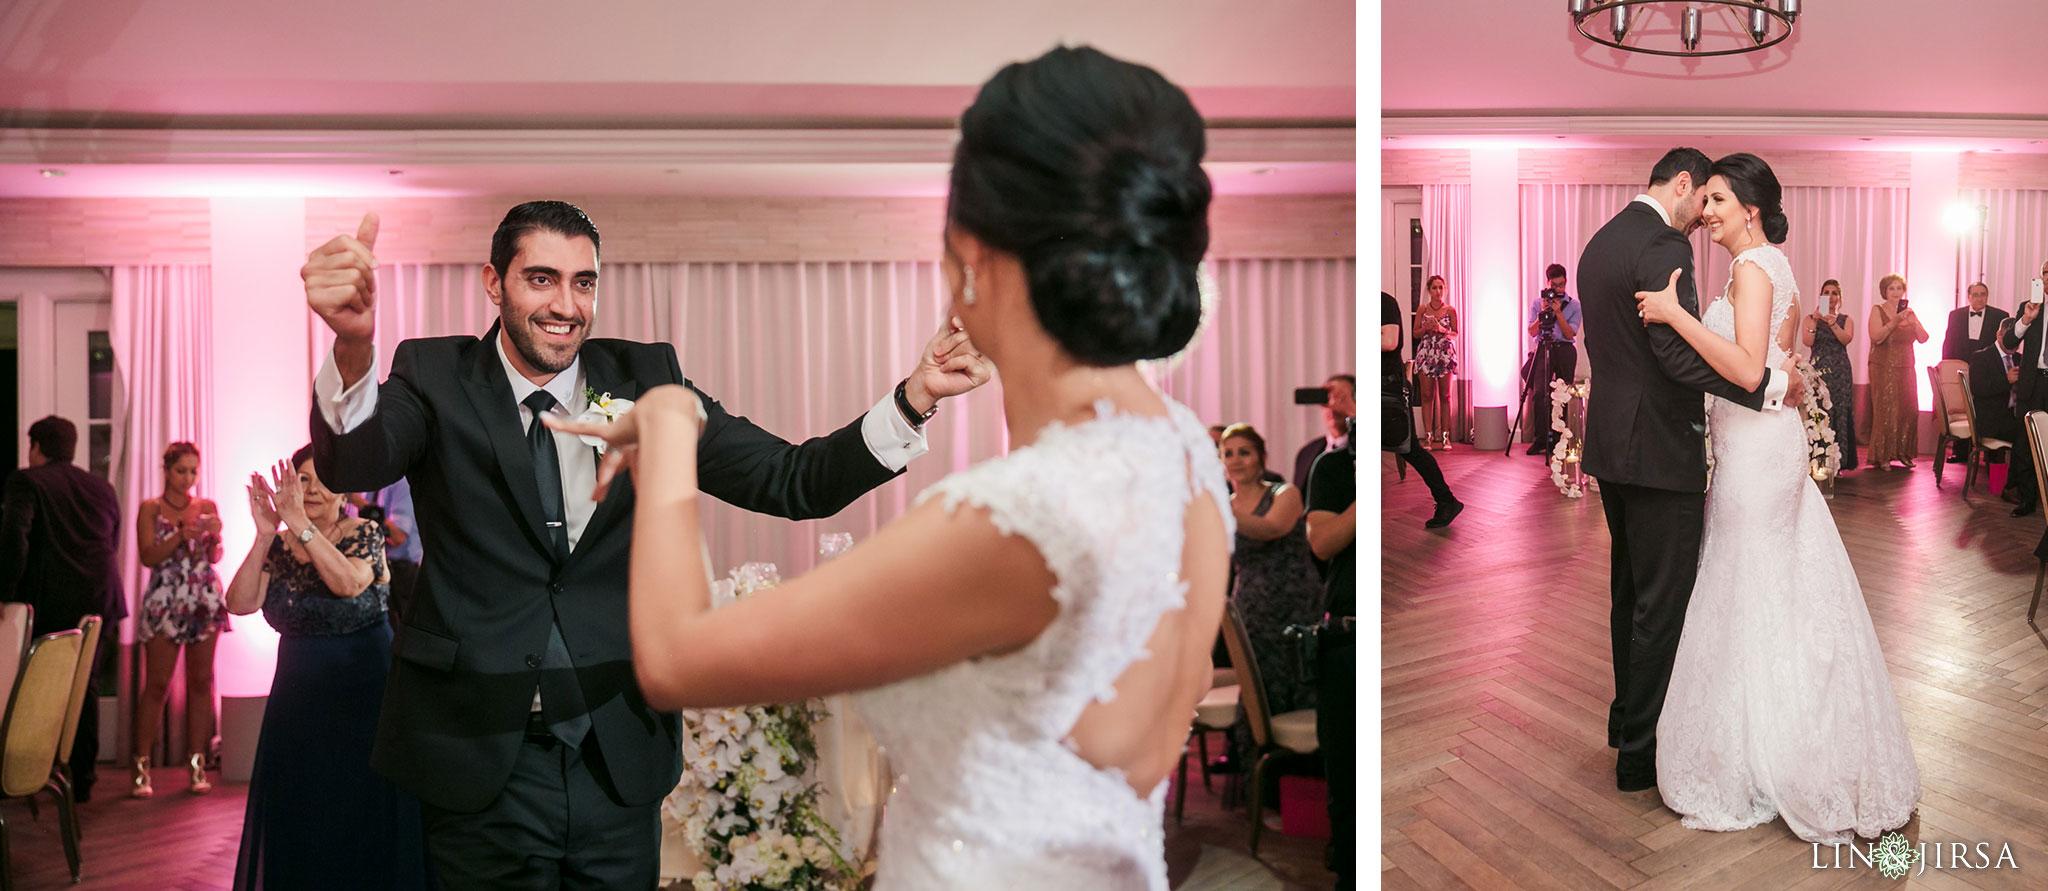 046 estancia la jolla hotel spa persian wedding reception photography